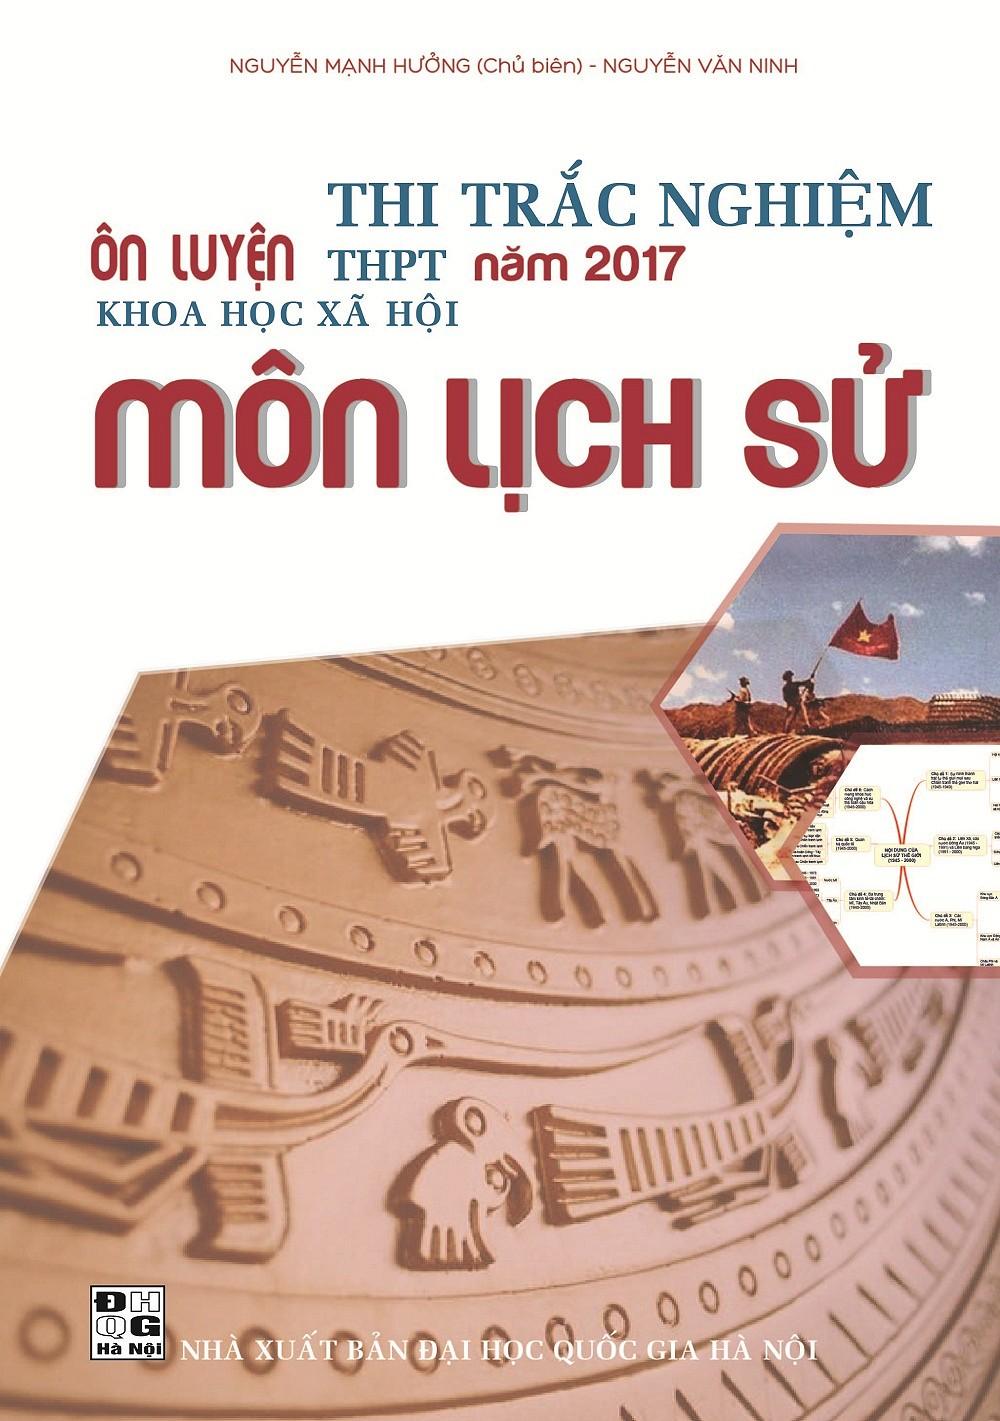 on-luyen-thi-trac-nghiem-thpt-nam-2017-khxh-mon-su-1-.u547.d20161222.t094430.872744.jpg